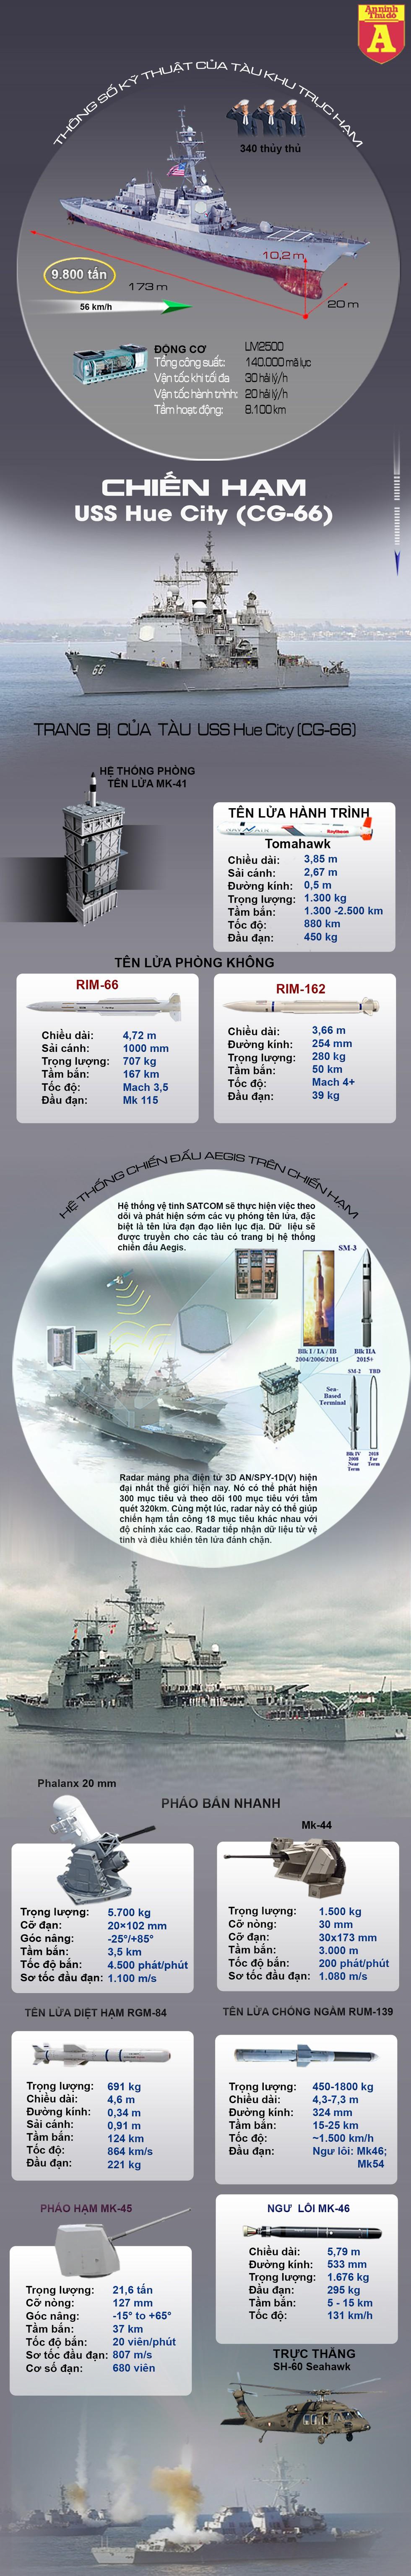 Infographic: Sức mạnh kinh hoàng của khu trục hạm Mỹ mang tên Tp Huế, Việt Nam - Hình 1